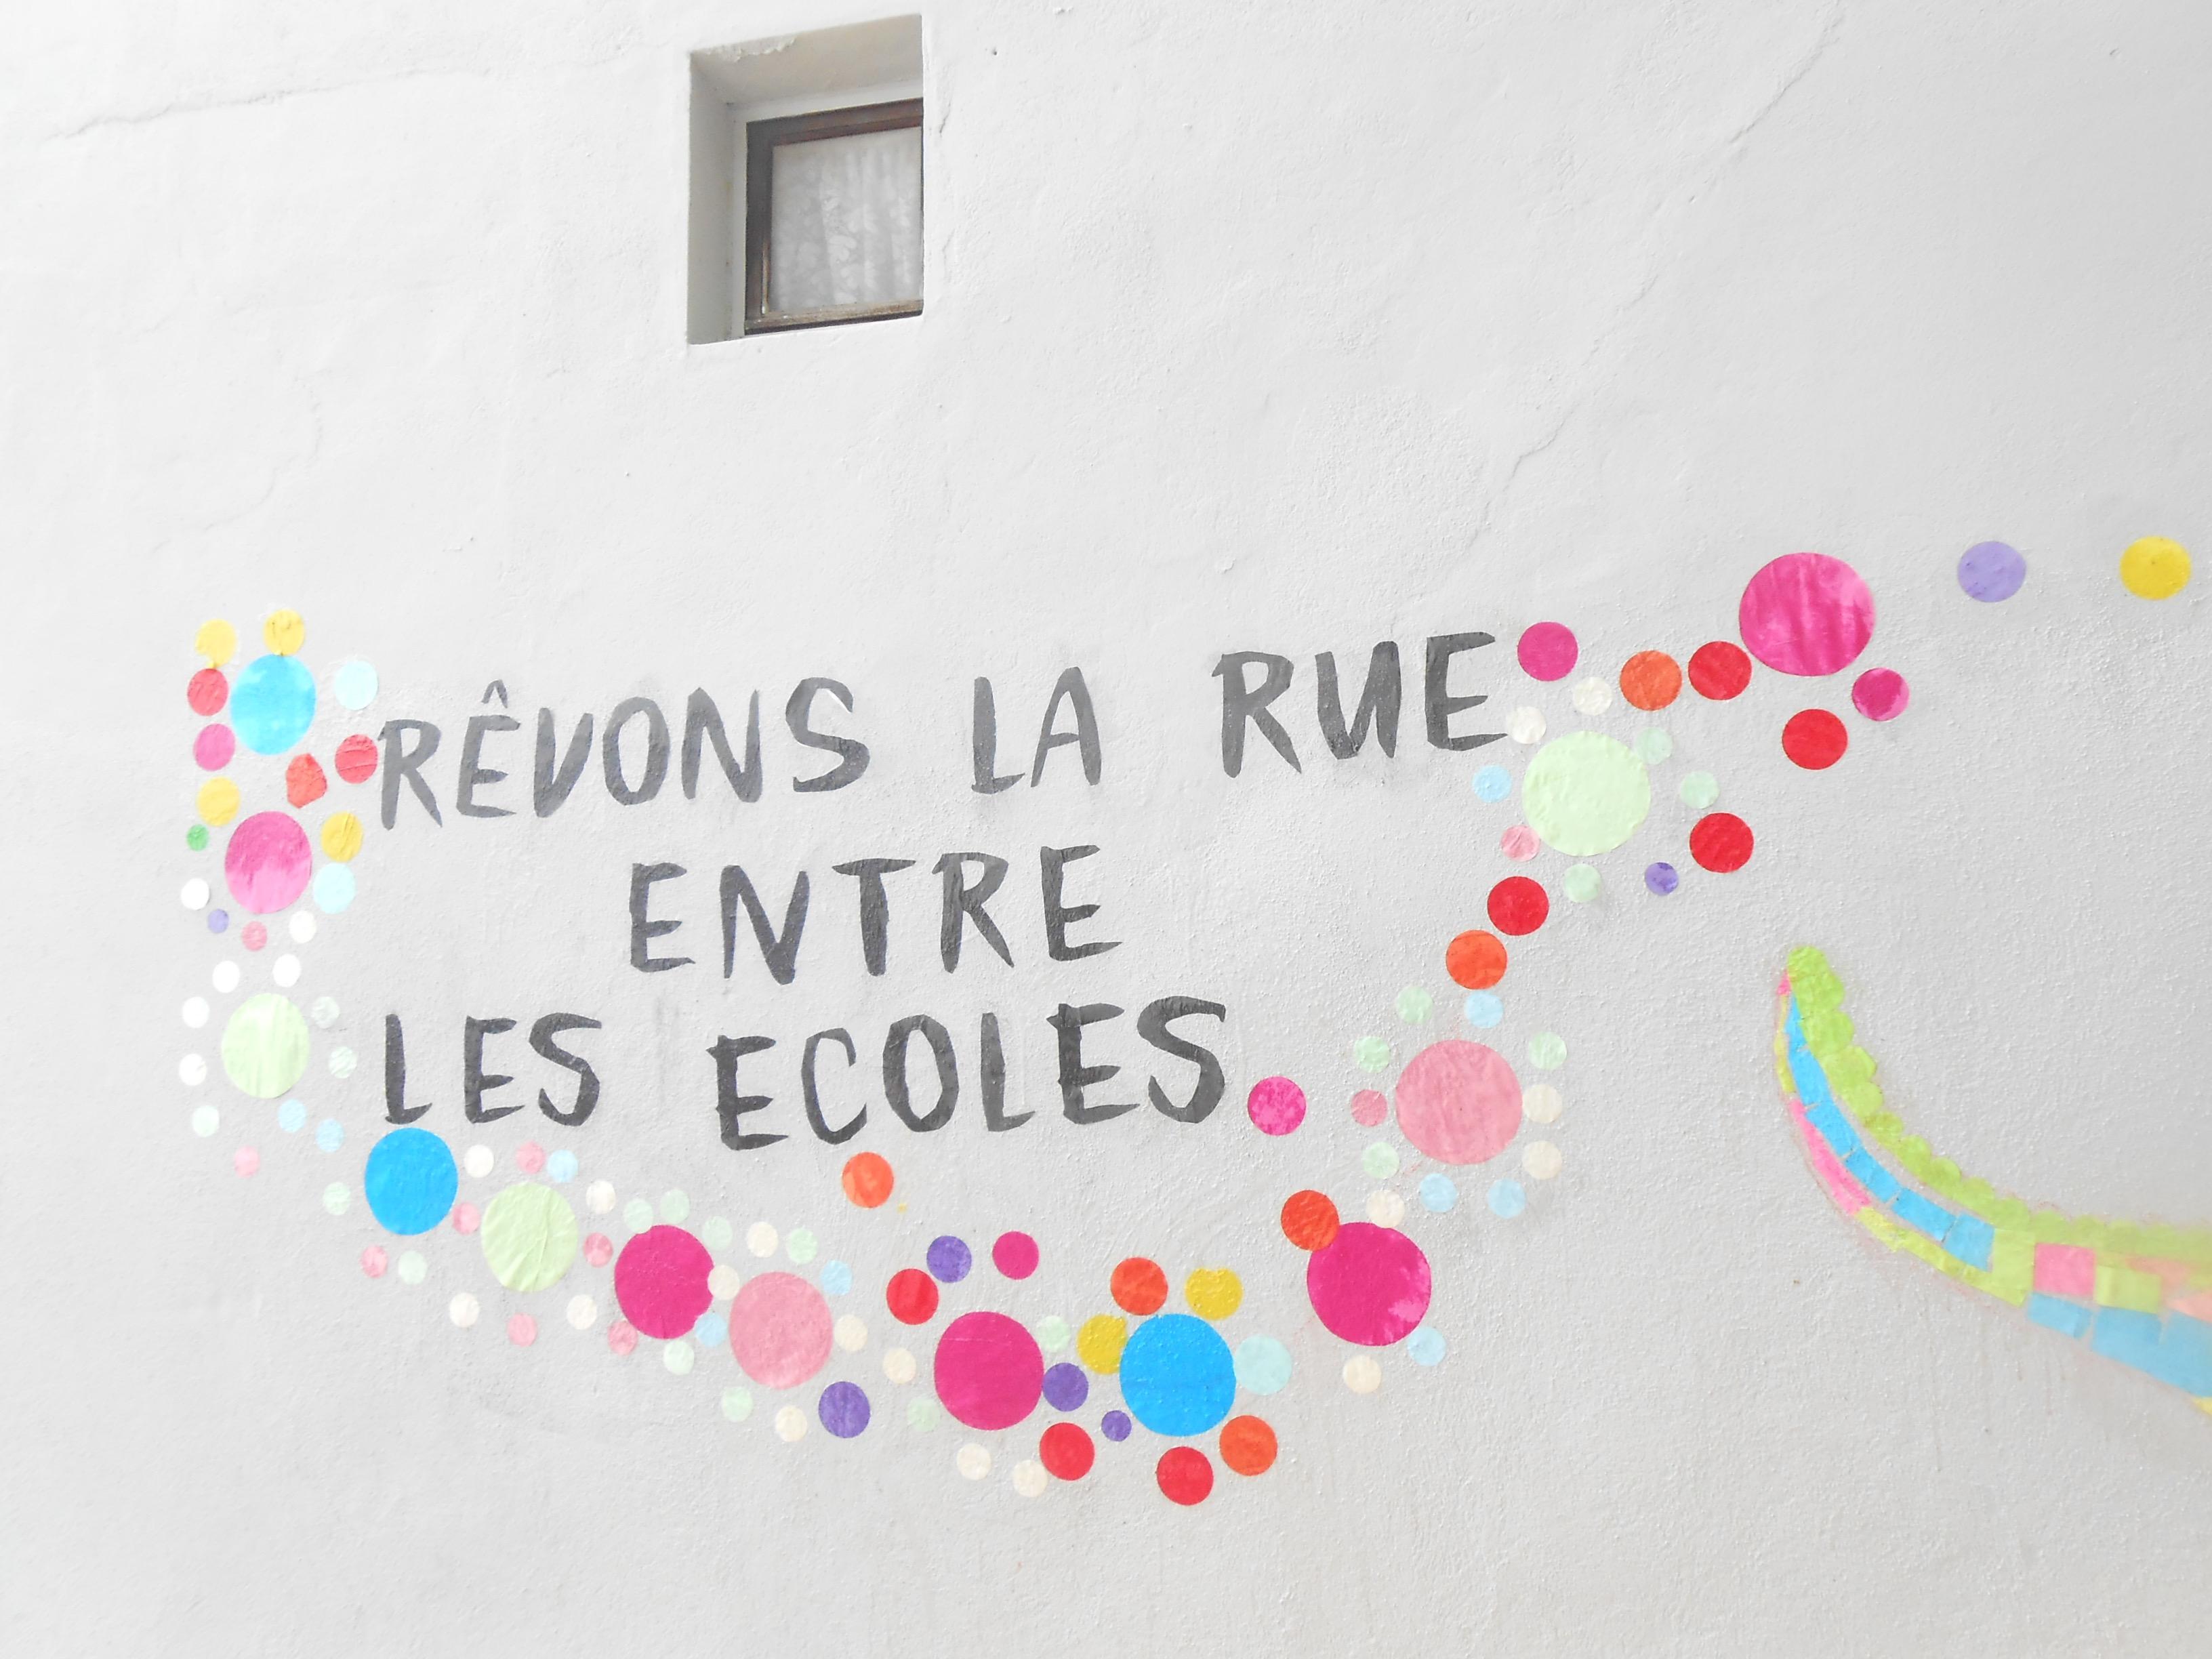 Groupe scolaire Aupècle à Martigues – Réaménageons la rue entre les écoles !